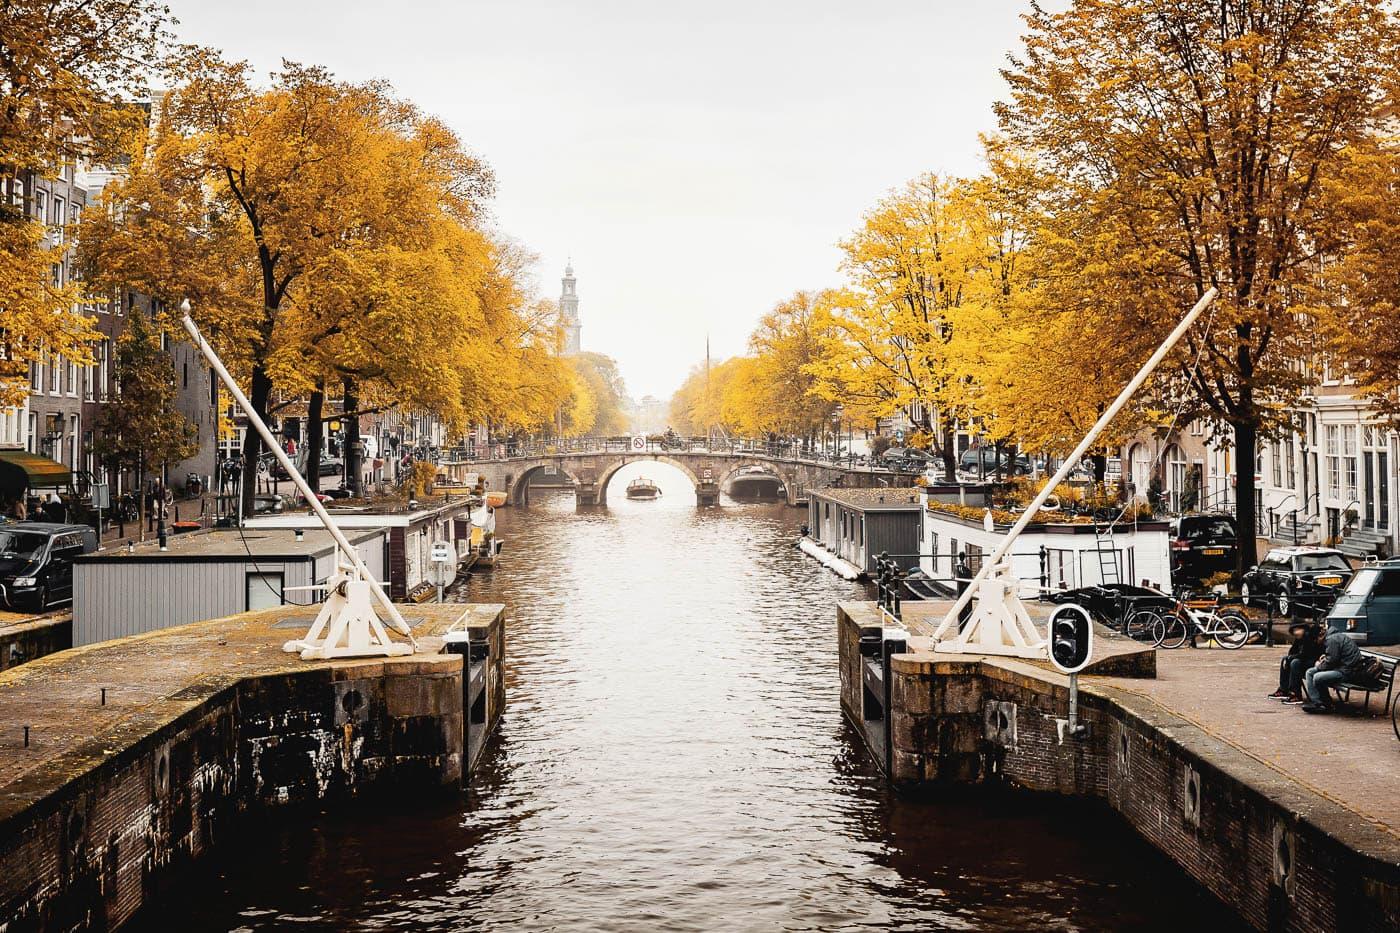 Nördliche Prinsengracht in Amsterdam, Niederlande